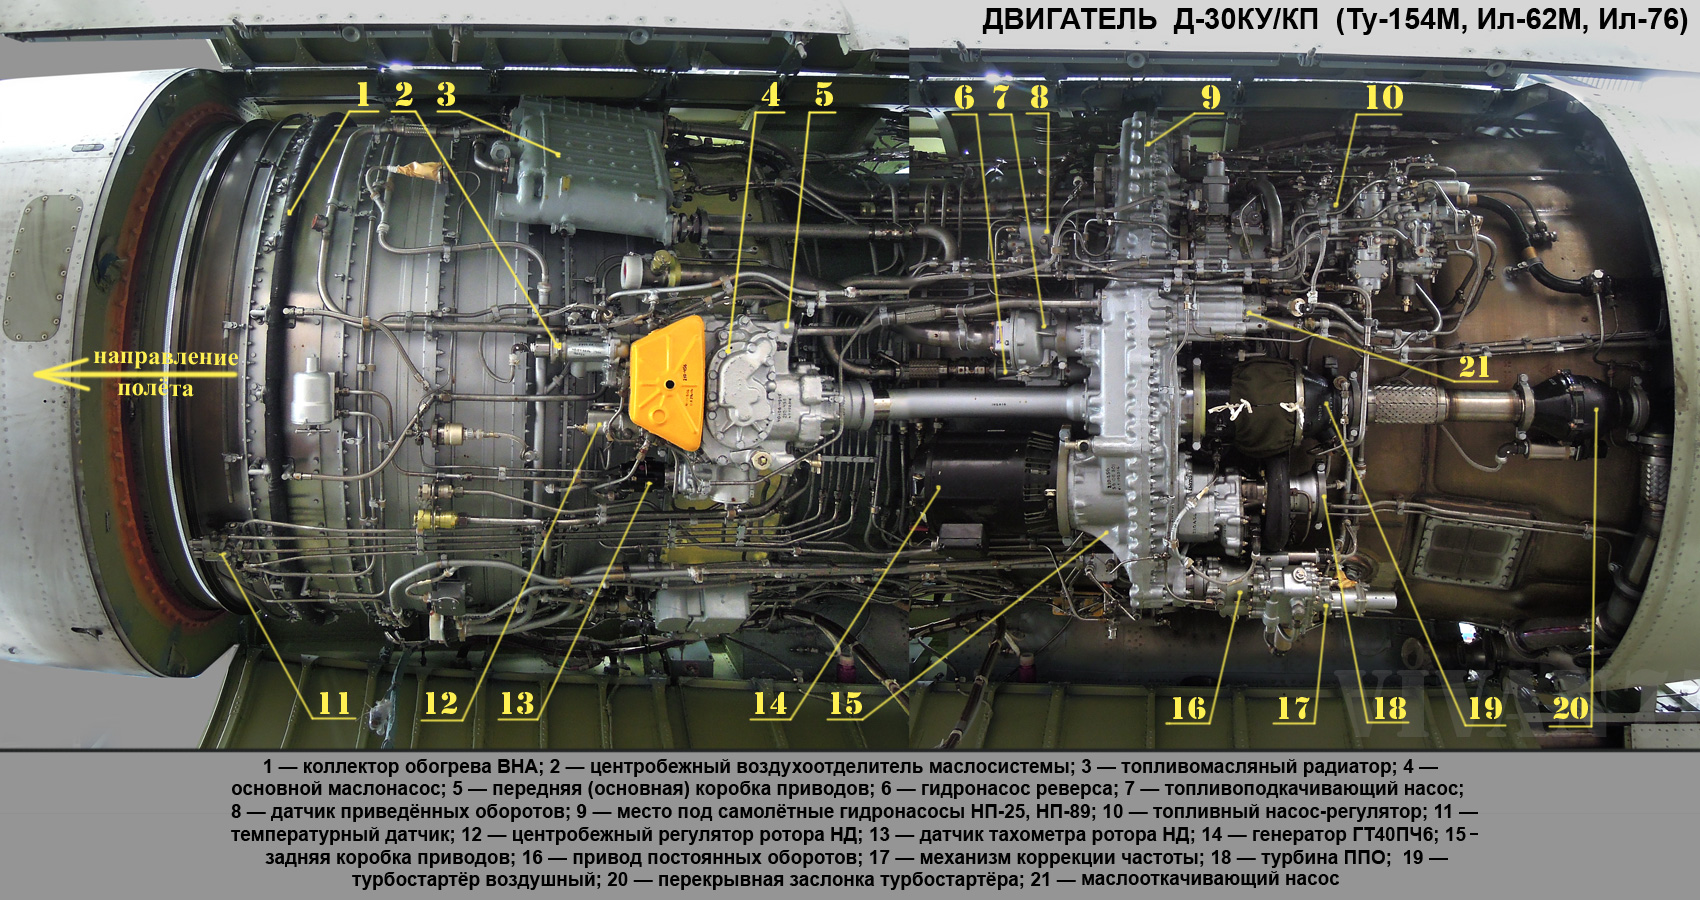 File:D-30KU-jet-engine.jpg